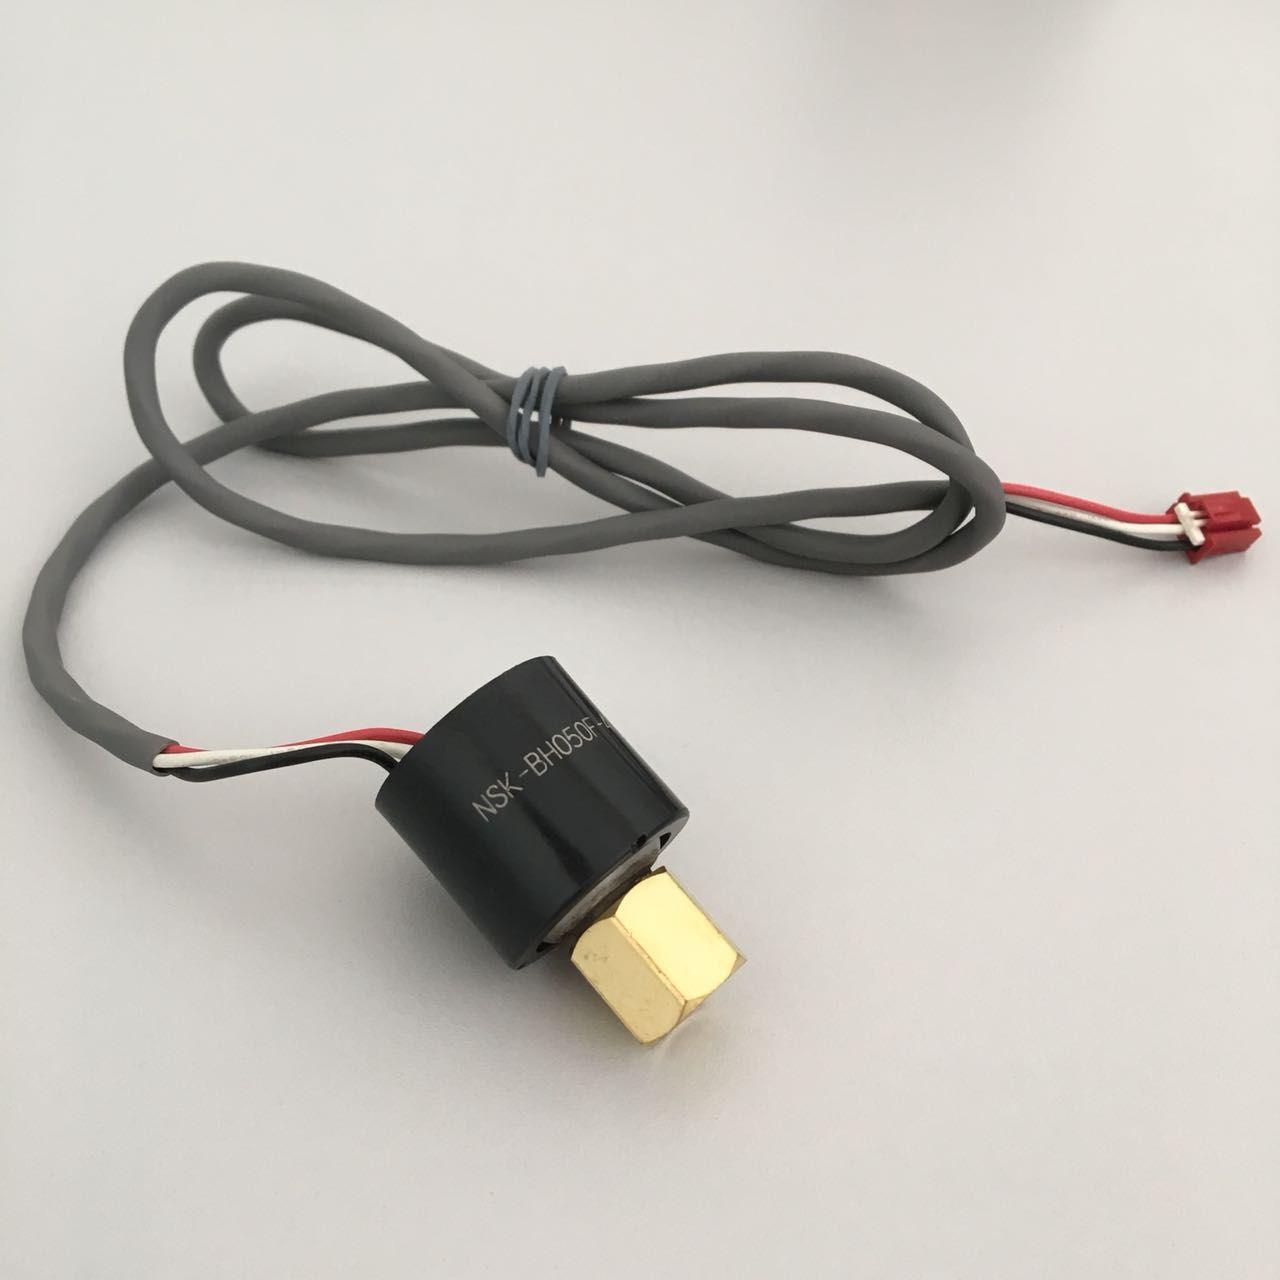 Transdutor Alta Hitachi R-410A 0,5MPa Modelos RAS4FSVN RAS5FSVN